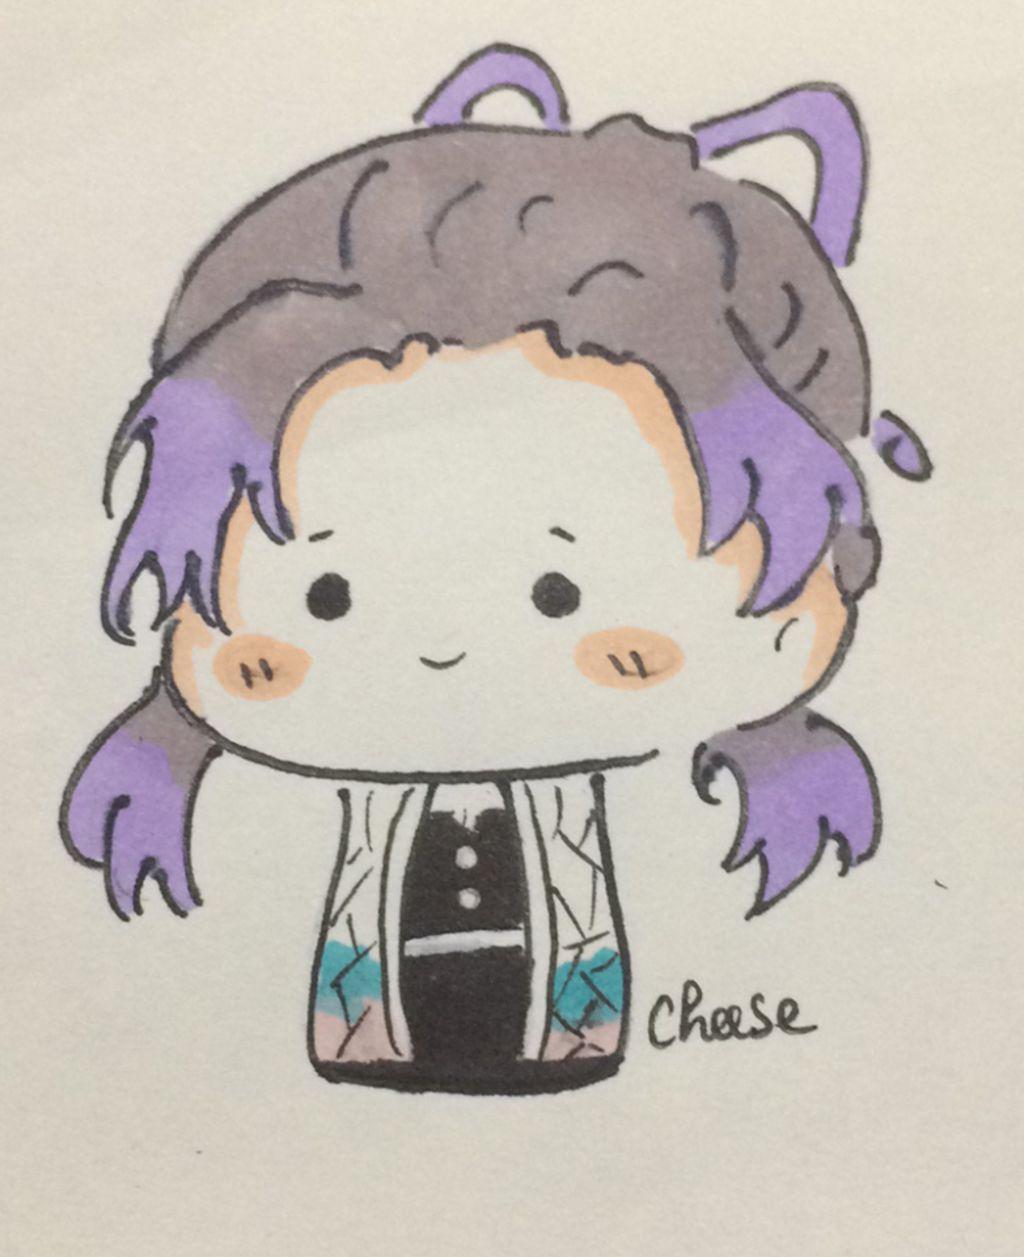 vẽ shinobu kochou chibi có chữ kí nhá câu hỏi 1007726 - hoidap247.com